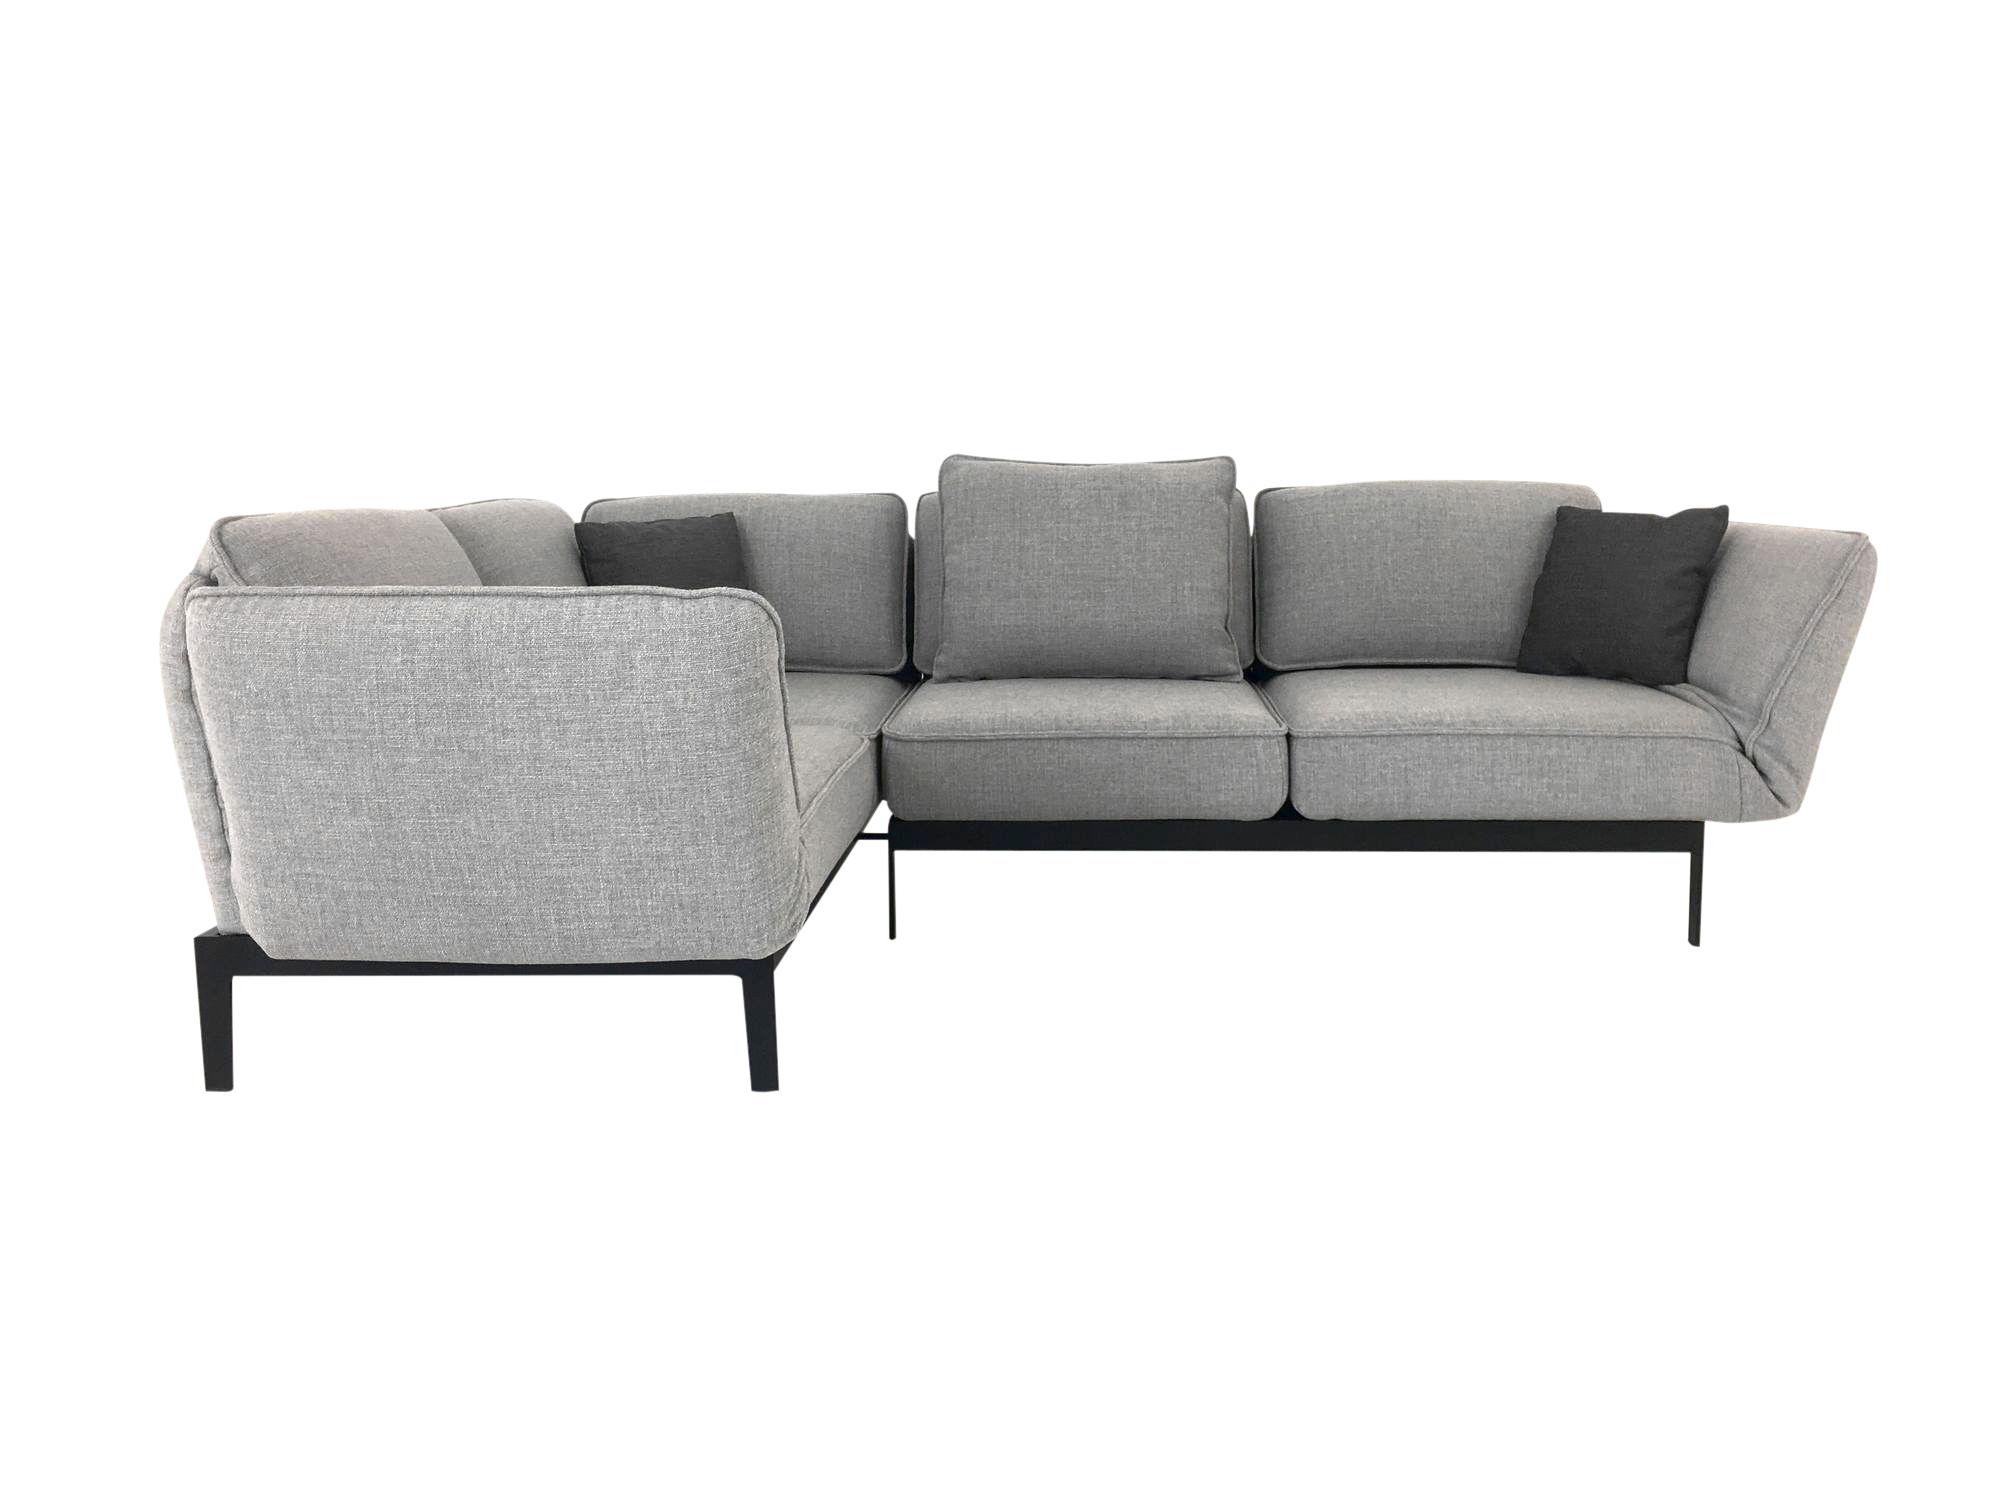 rolf benz mera sofa online g nstig kaufen bei izabela k. Black Bedroom Furniture Sets. Home Design Ideas